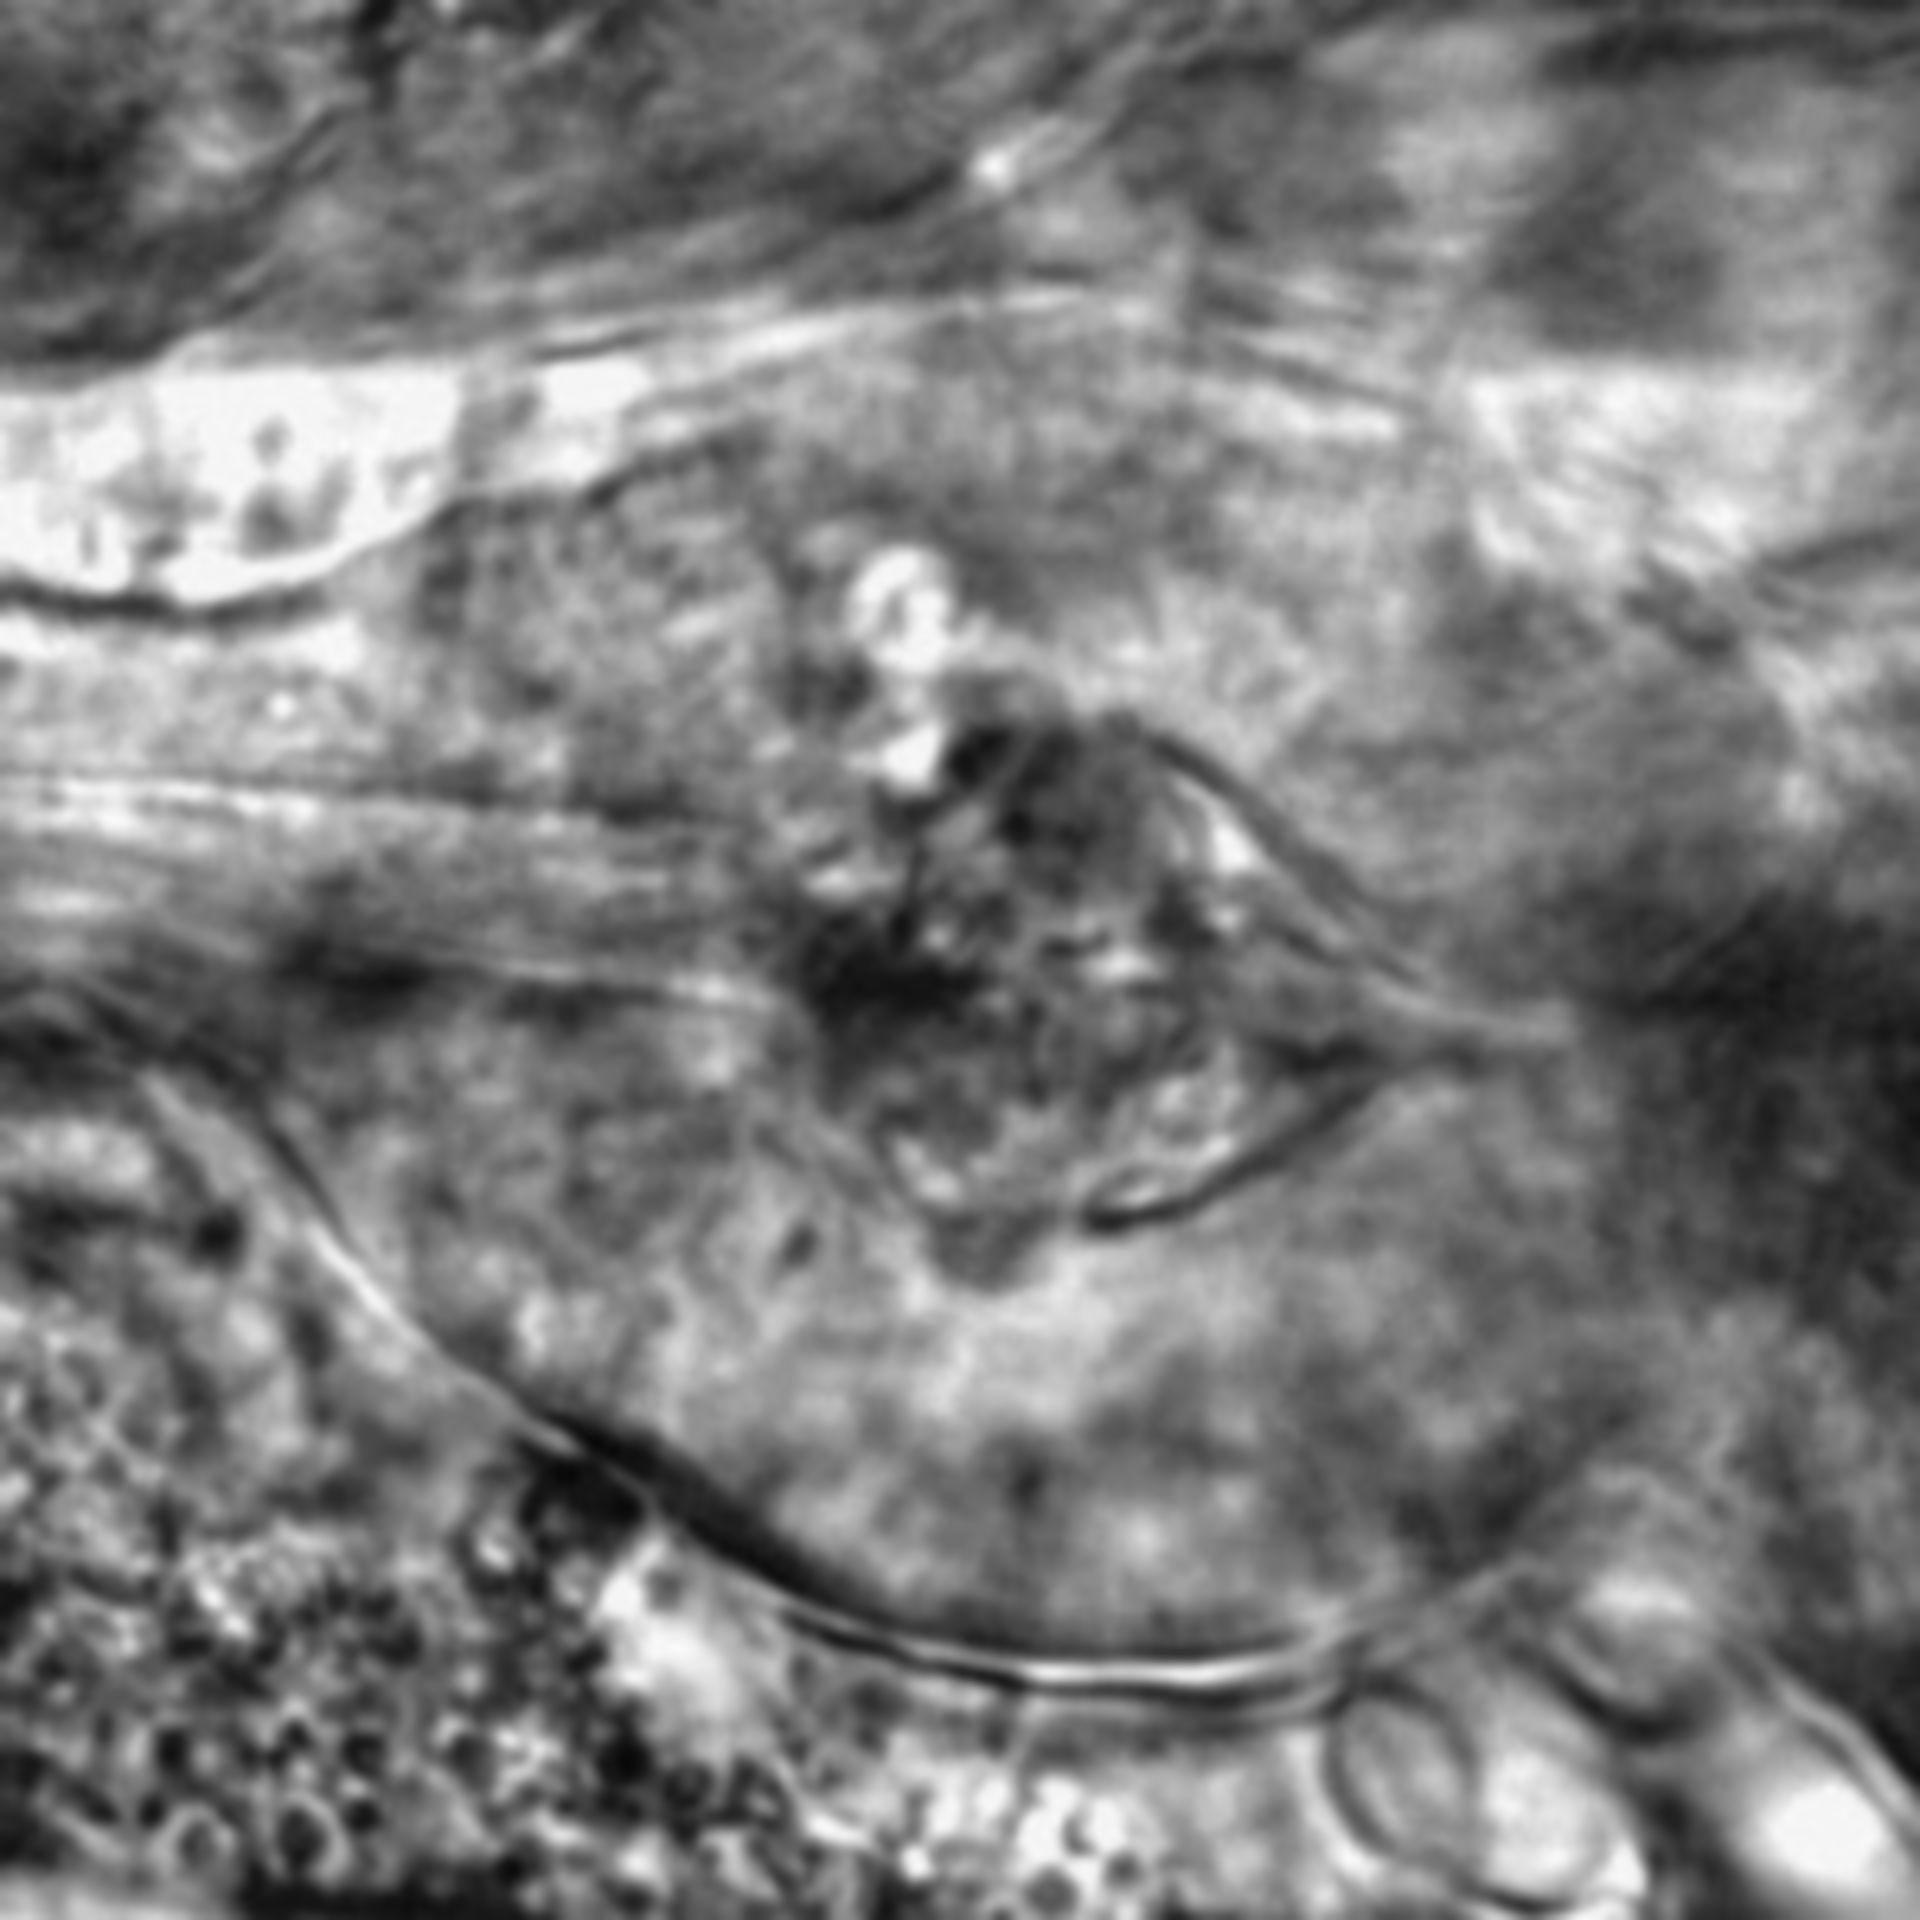 Caenorhabditis elegans - CIL:2783